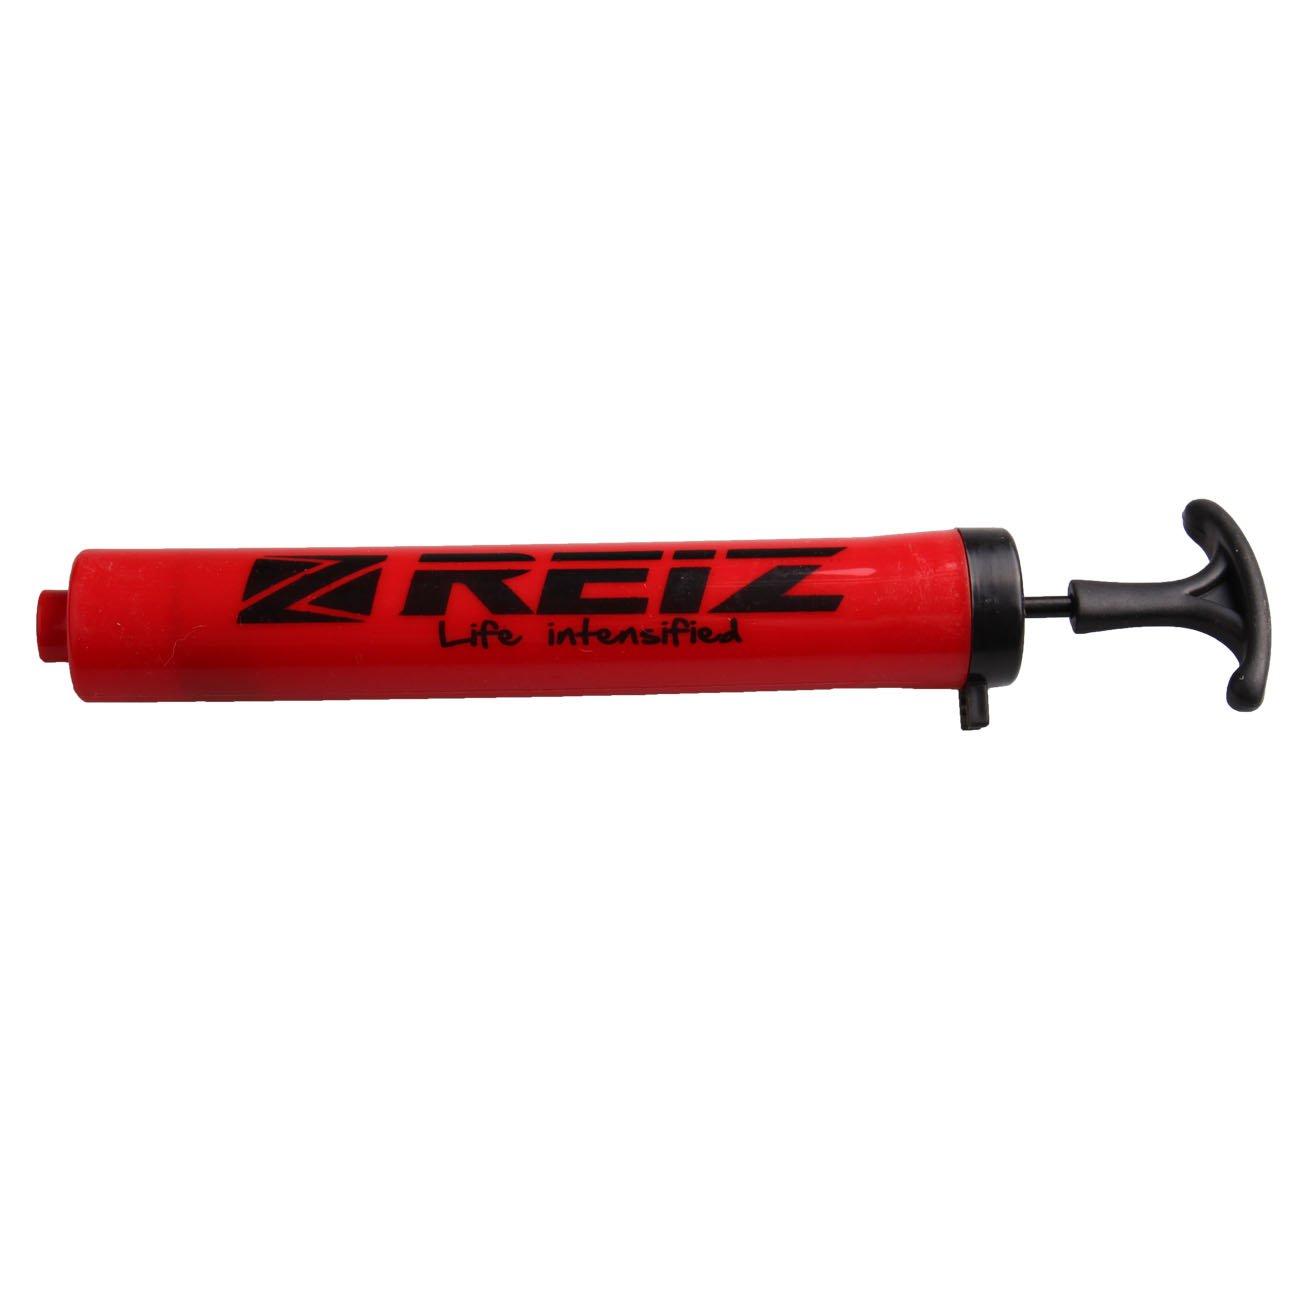 REIZ 10-inch Mini Portable Ball Pump Inflator Air Tools Hand Pumps Plastic 040